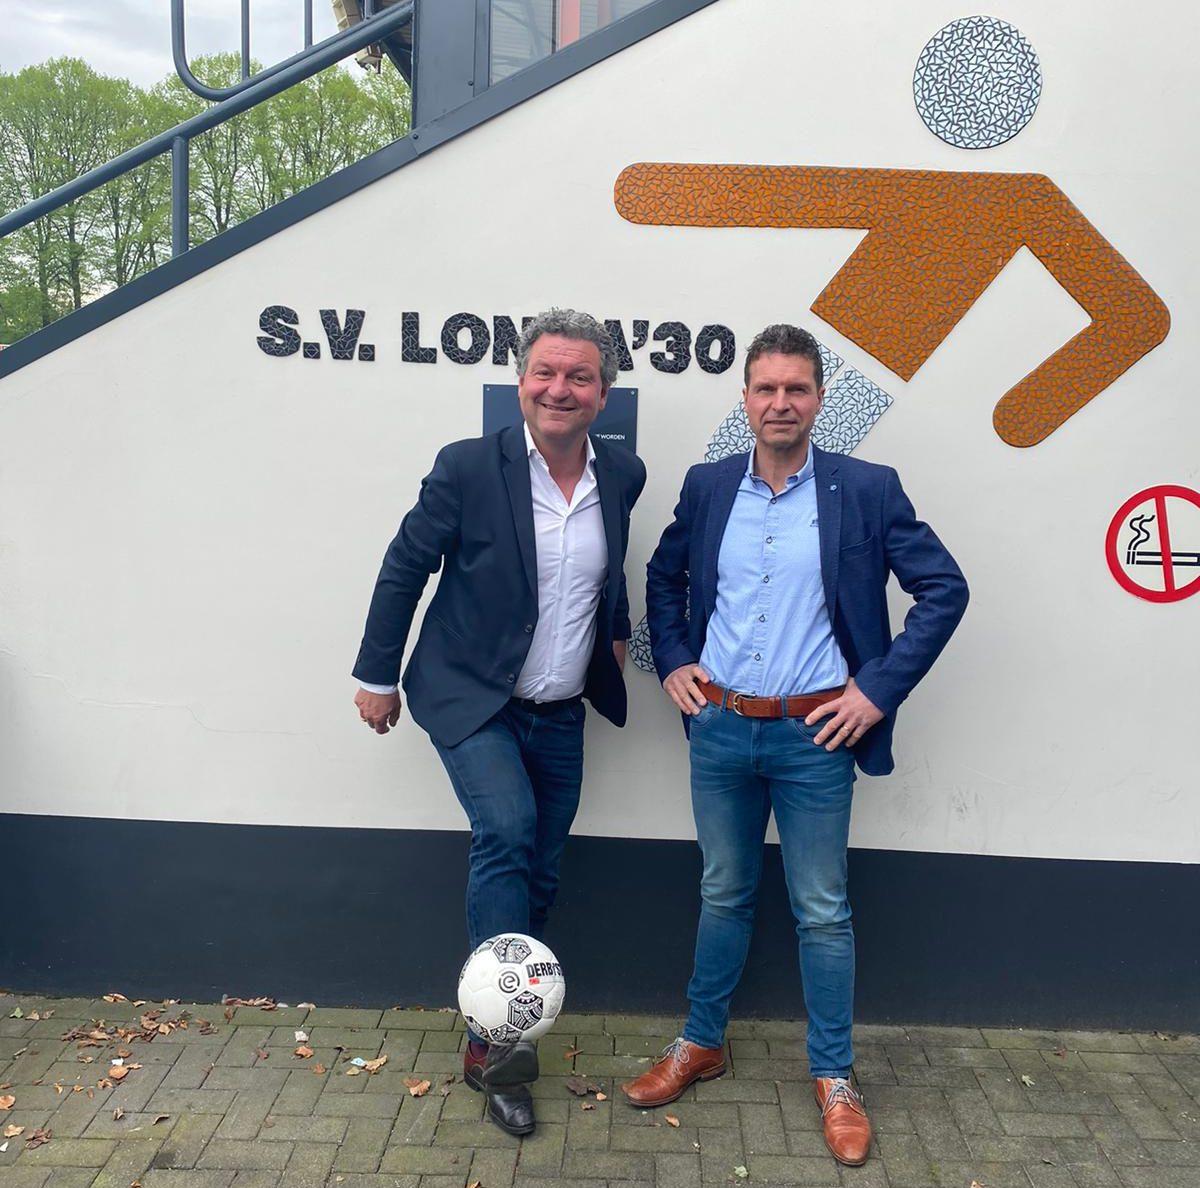 Steentjes Makelaars en Verzekeringen shirtsponsor Longa '30